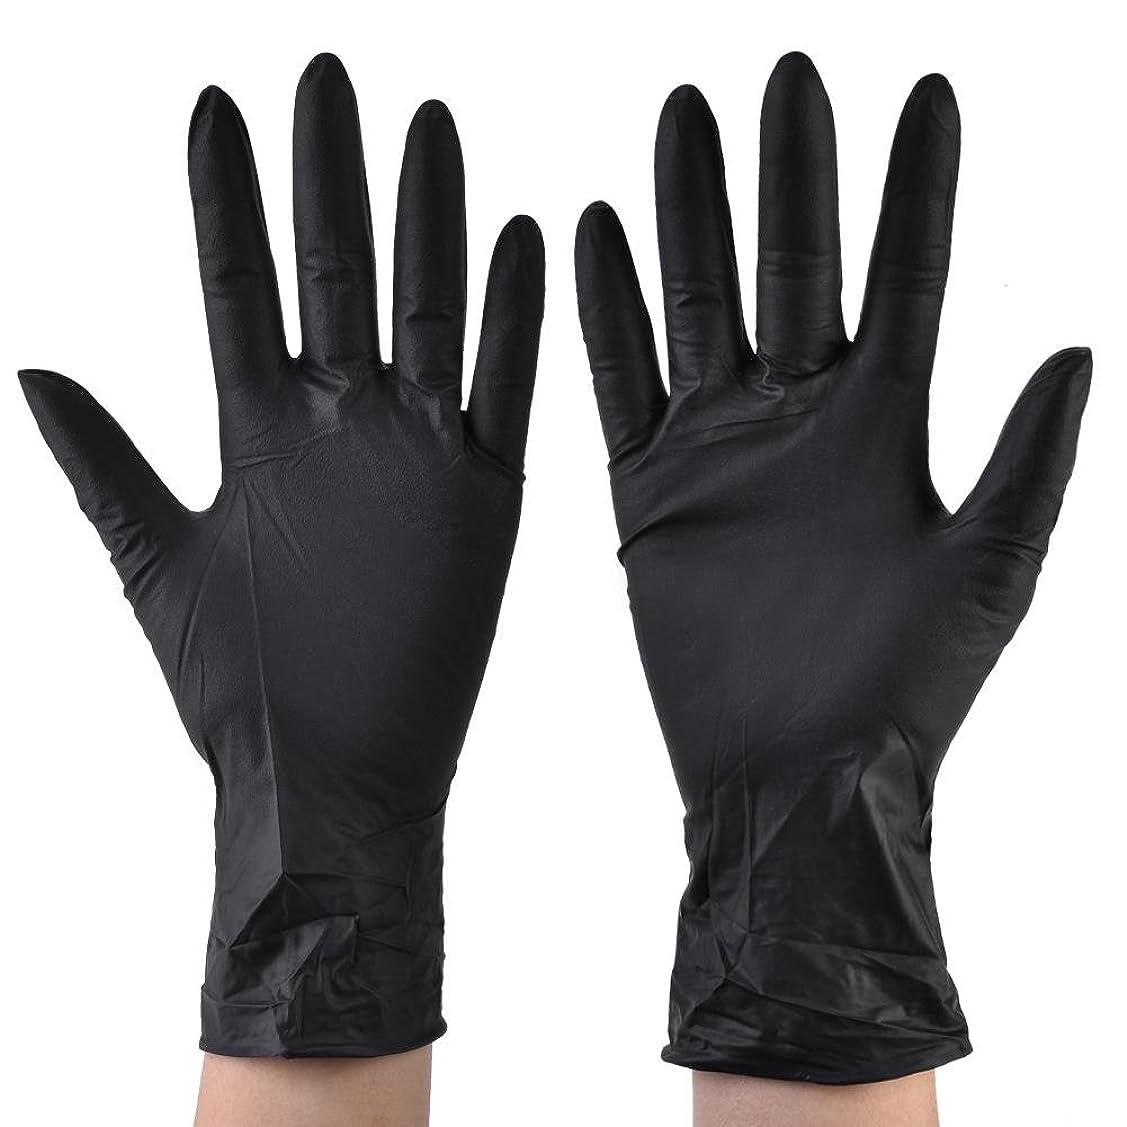 戻るに賛成ハイブリッド使い捨て手袋 ニトリルグローブ ホワイト 粉なし 工業用/医療用/理美容用/レストラン用 M/L選択可 100枚 左右兼用 作業手袋(M)